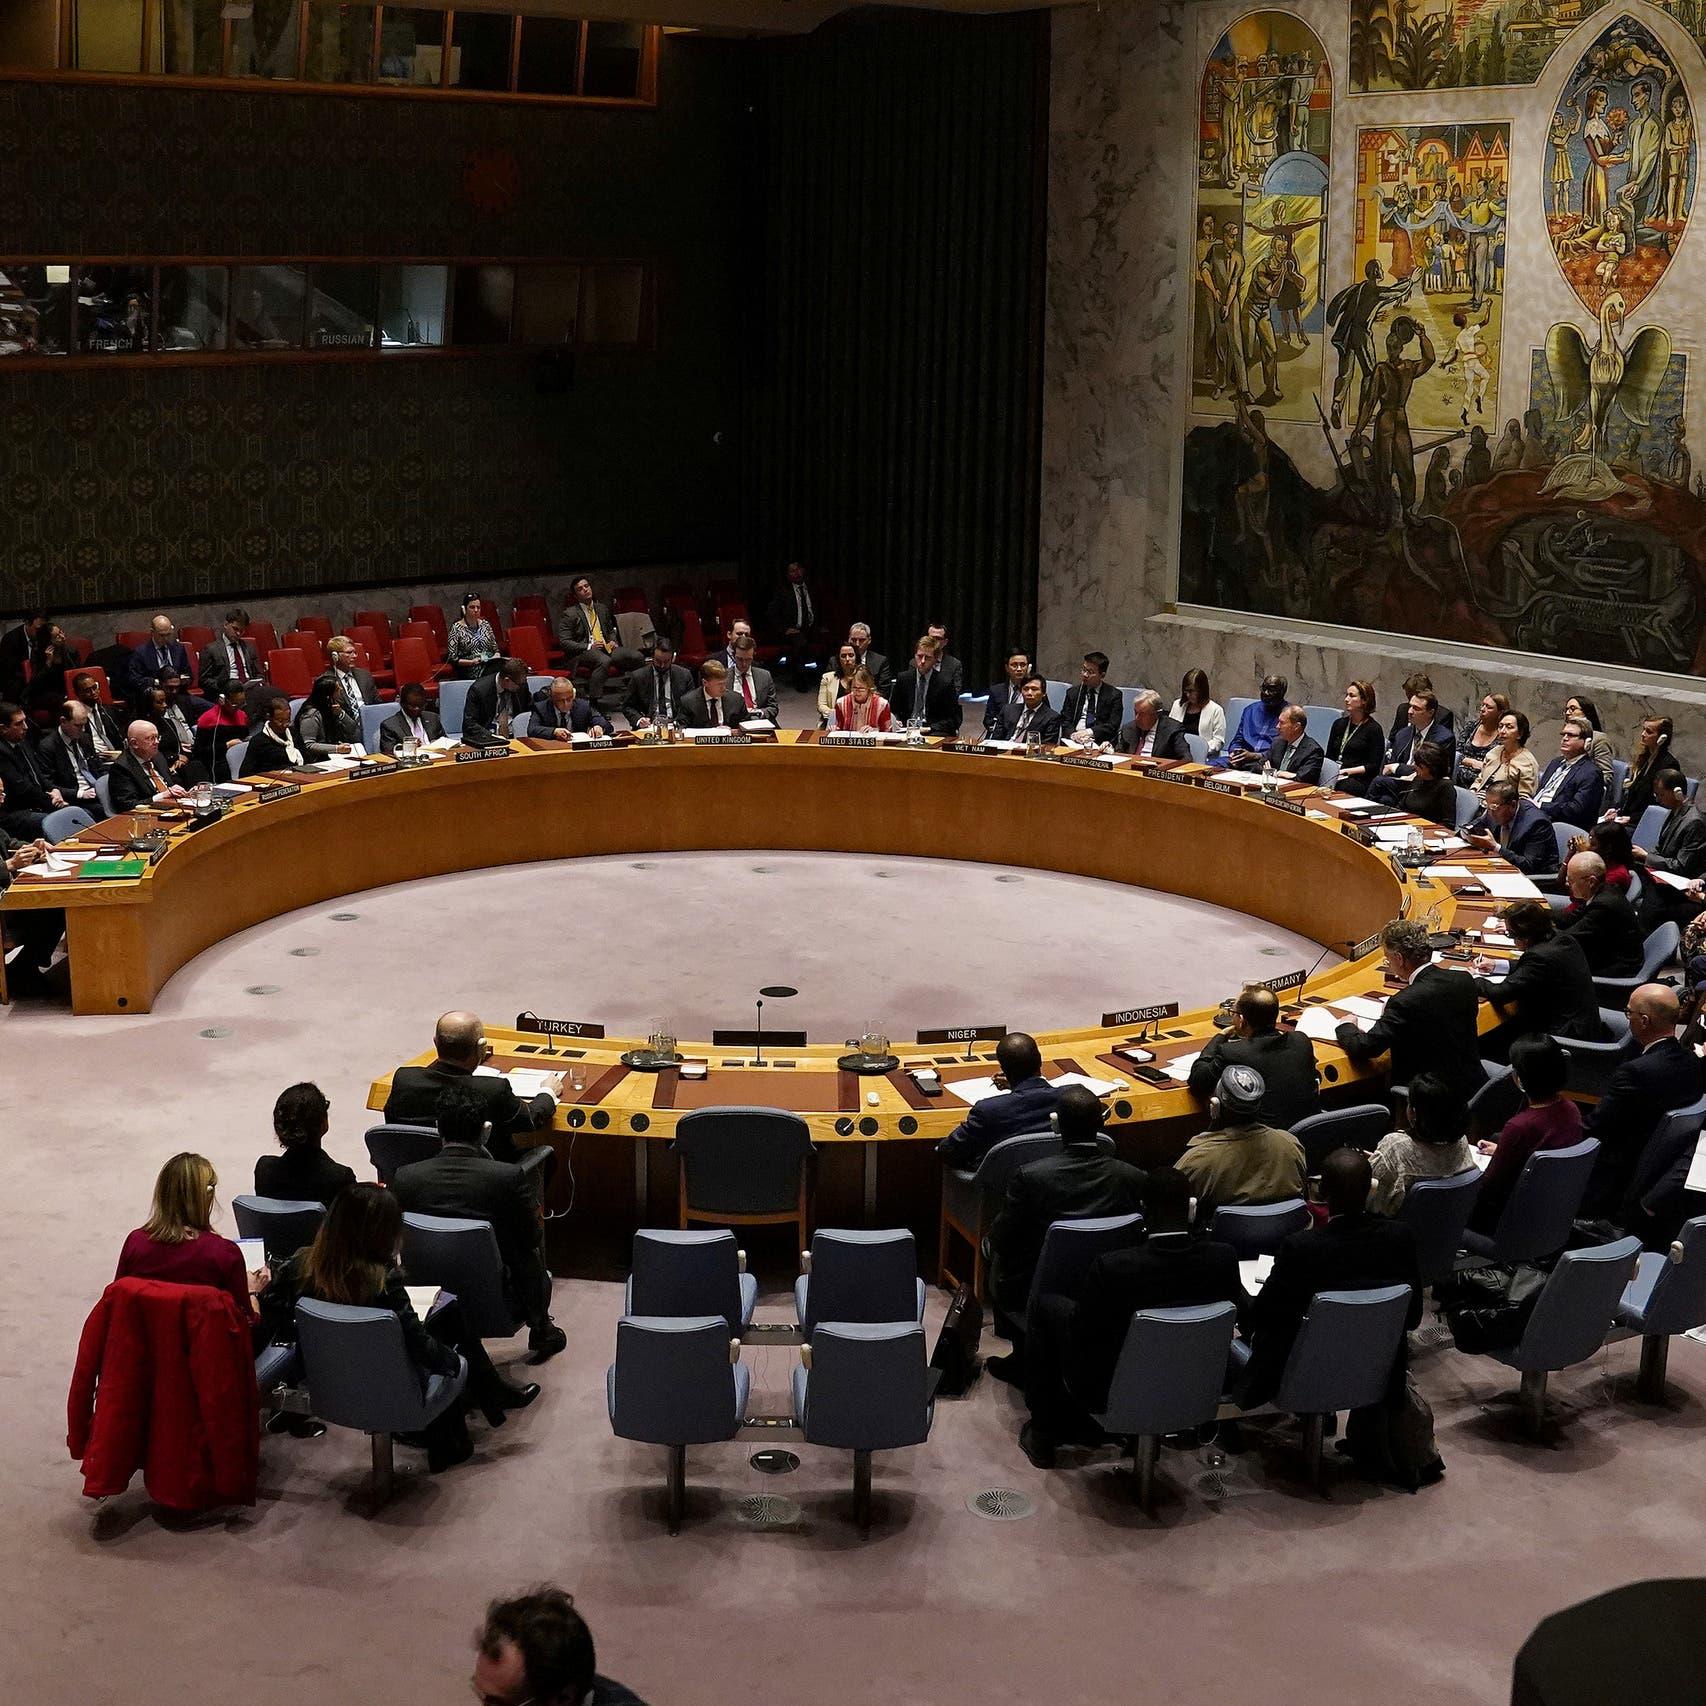 مجلس الأمن يدعو الفرقاء الليبيين لتنفيذ اتفاق جنيف بالكامل